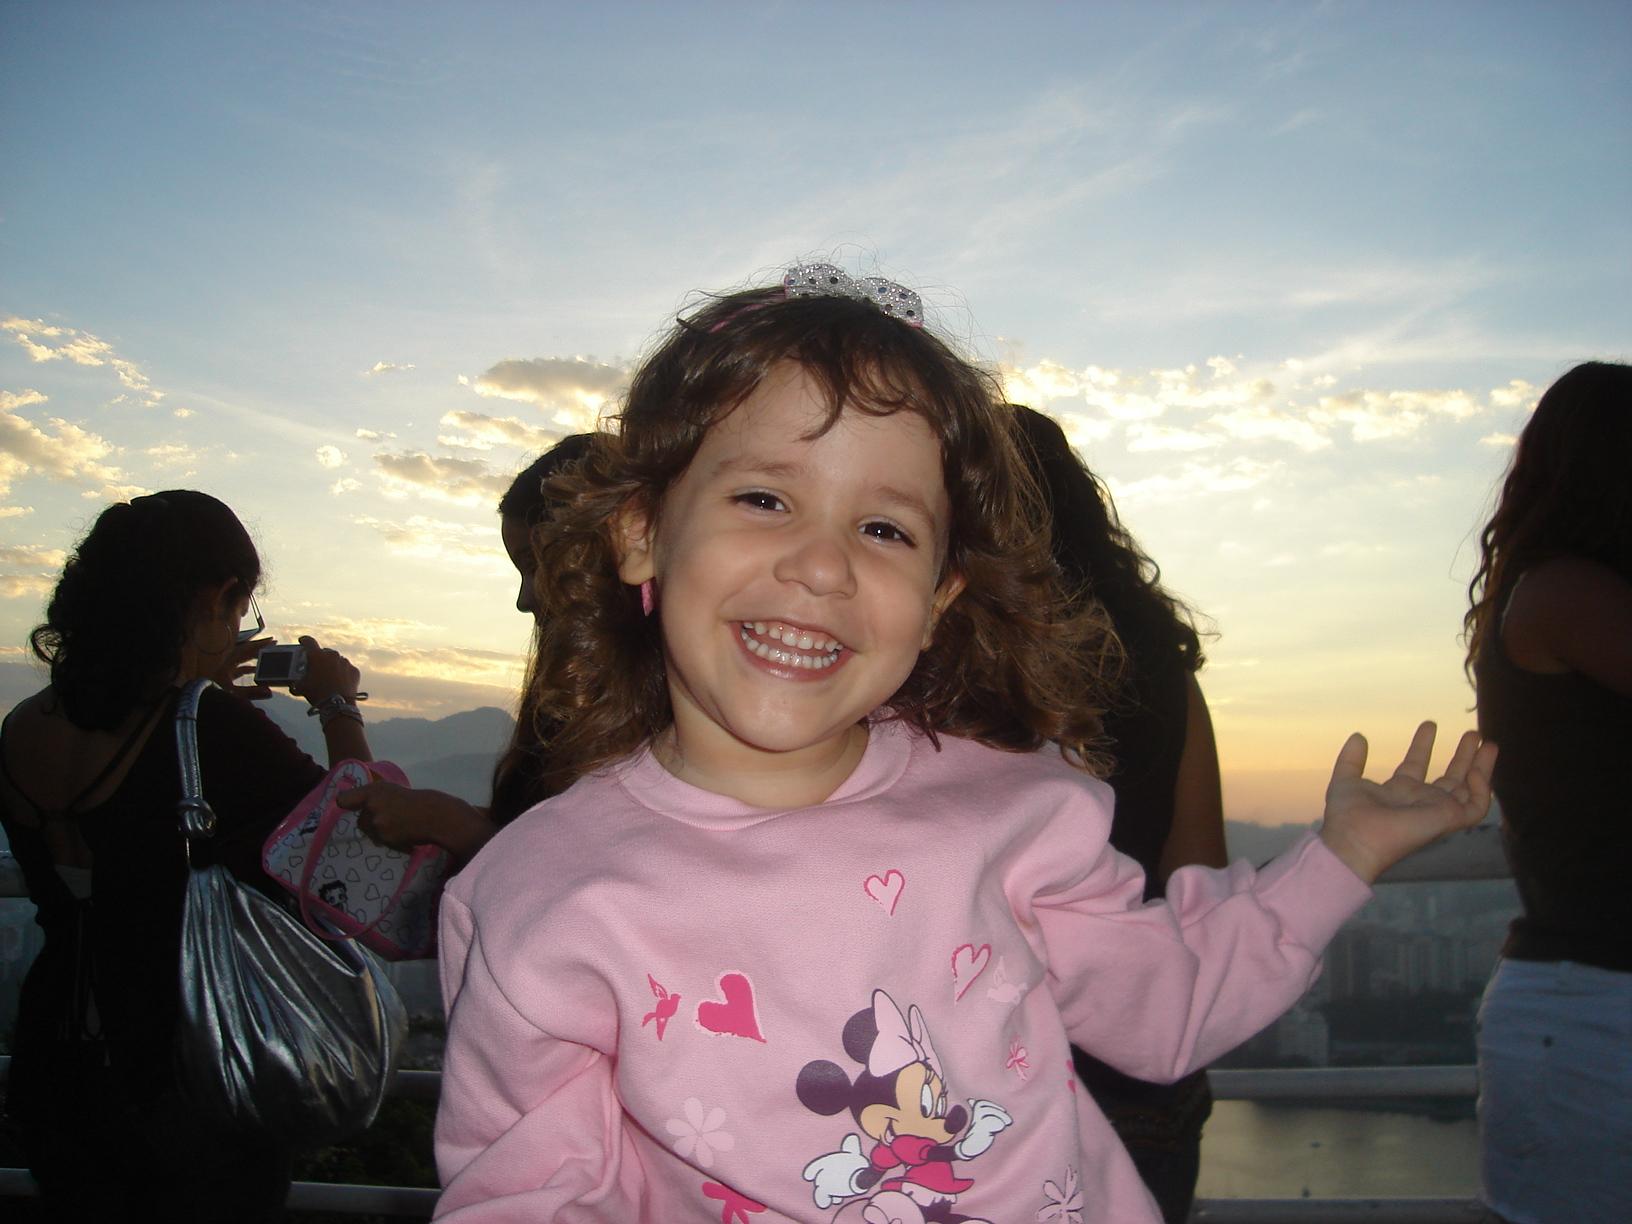 Amanda em 2008 - 3 anos